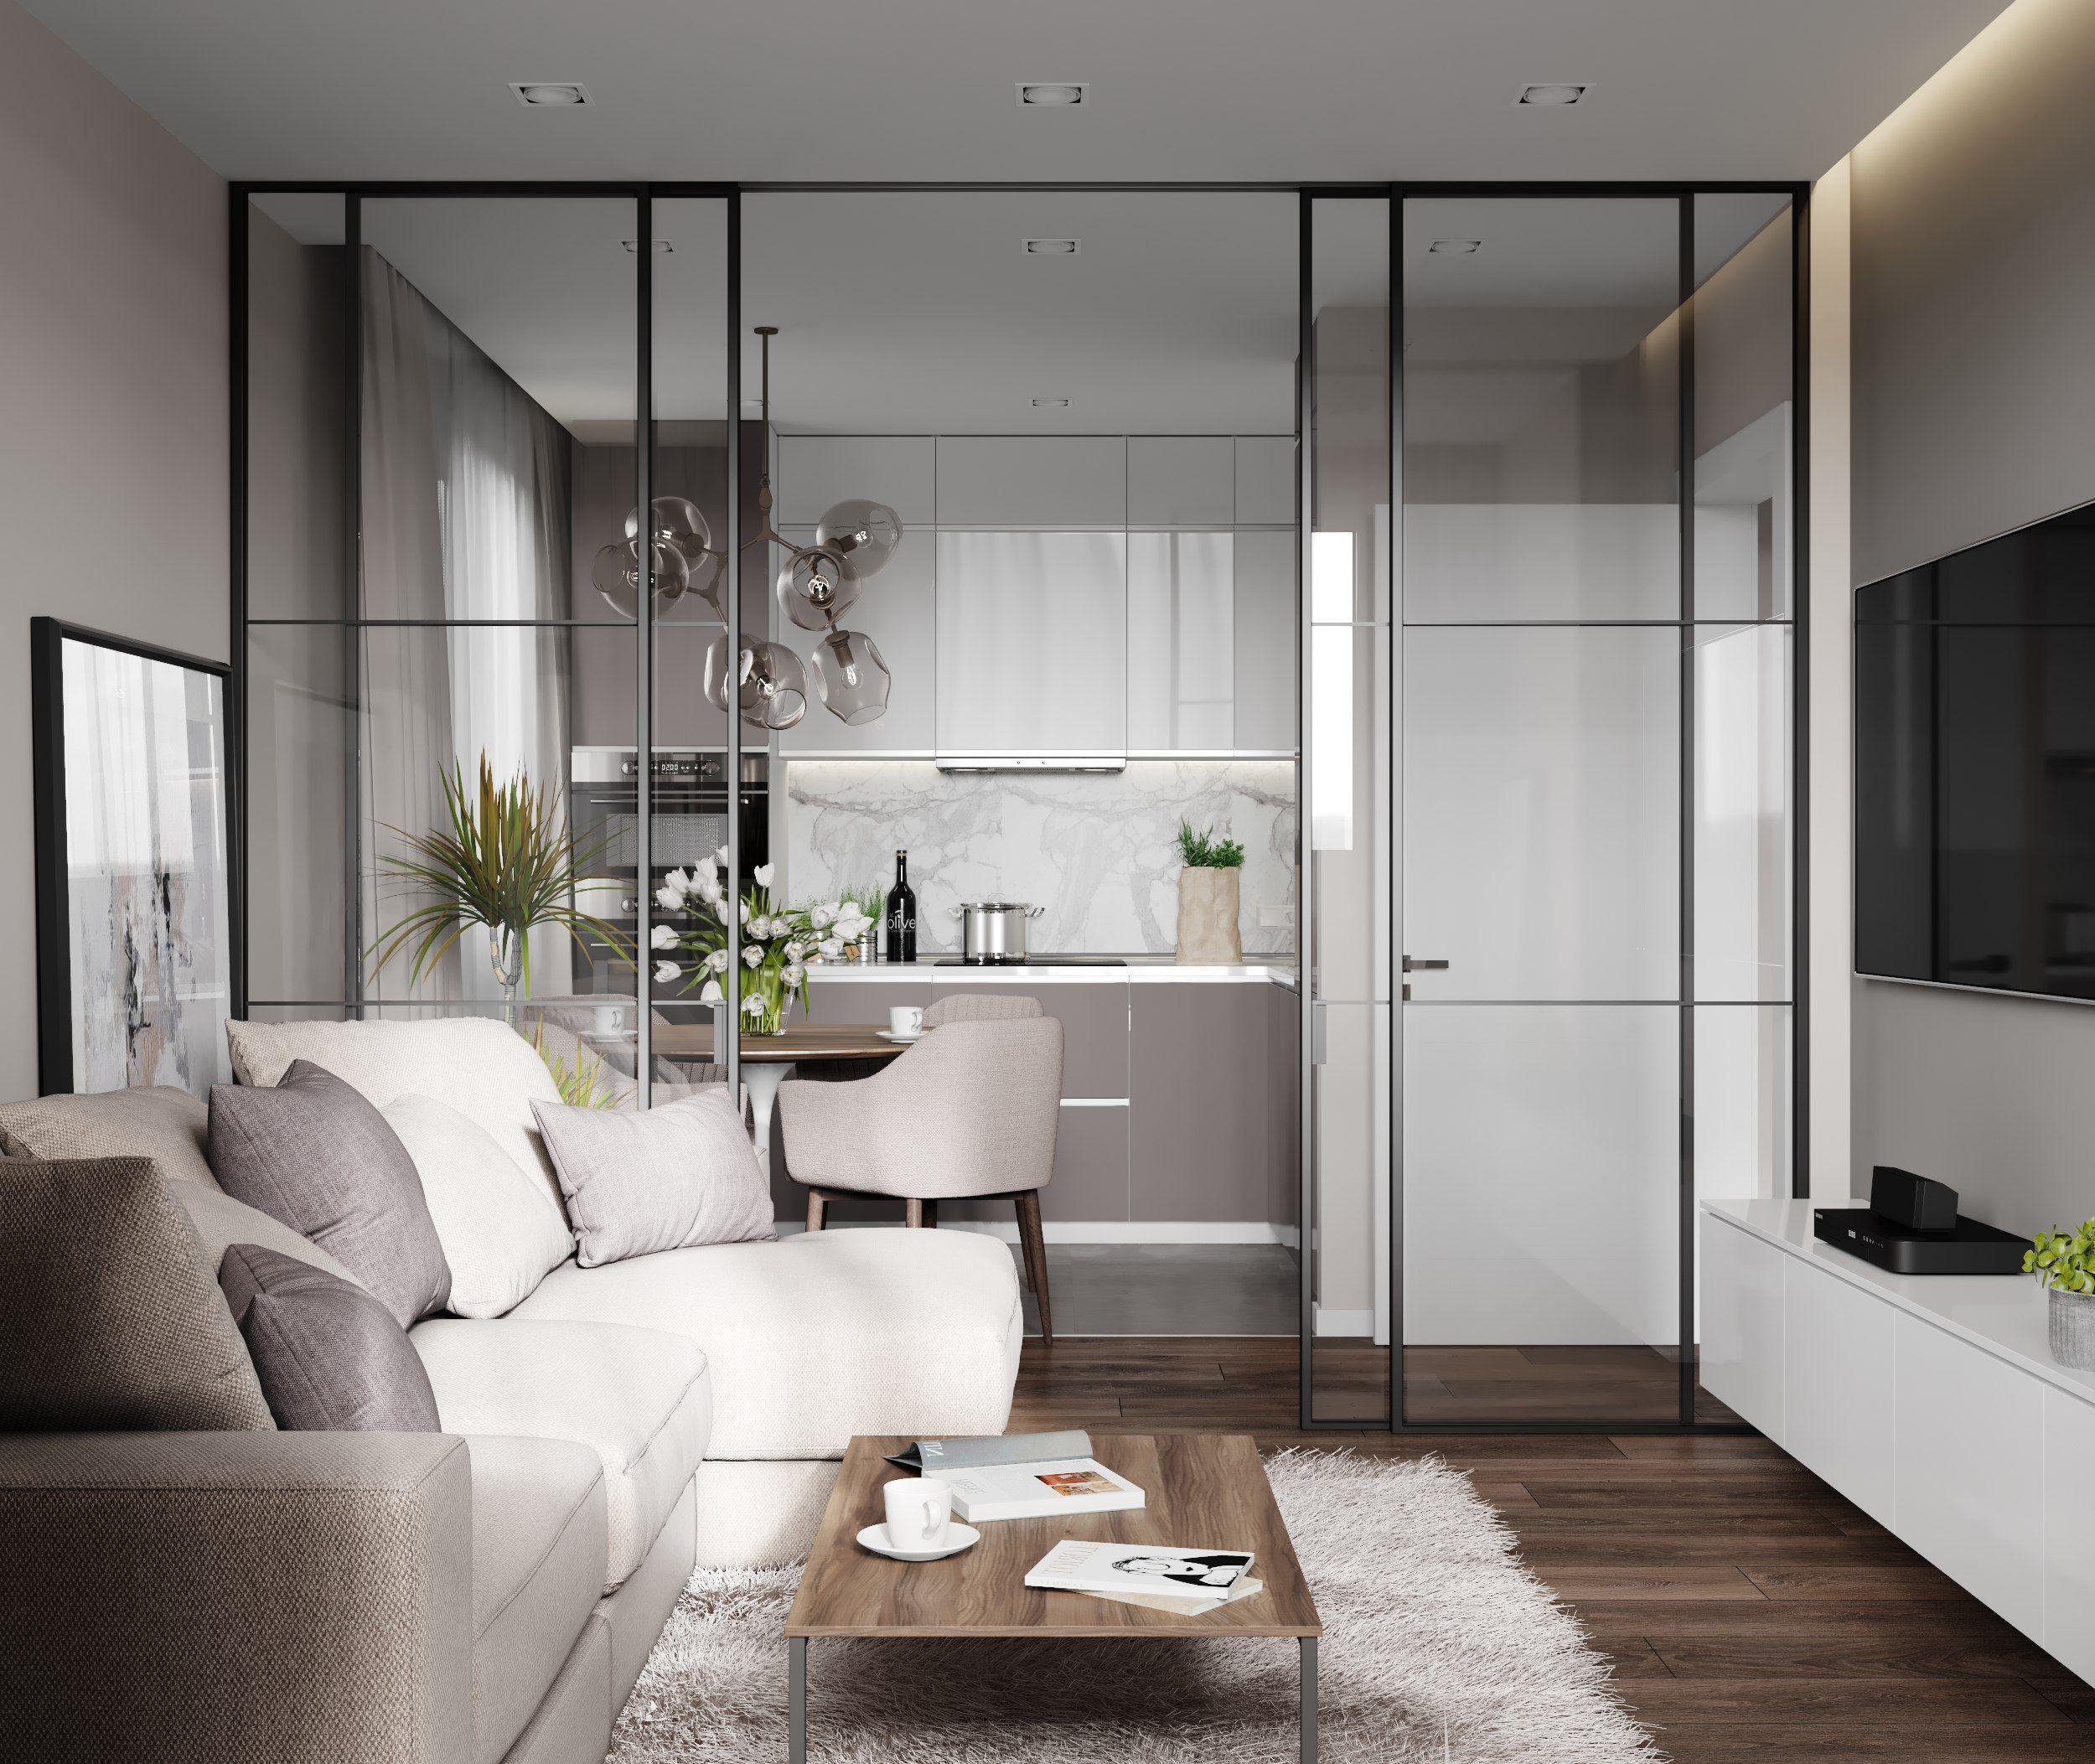 Vk living room plan kitchen designs also in pinterest design rh